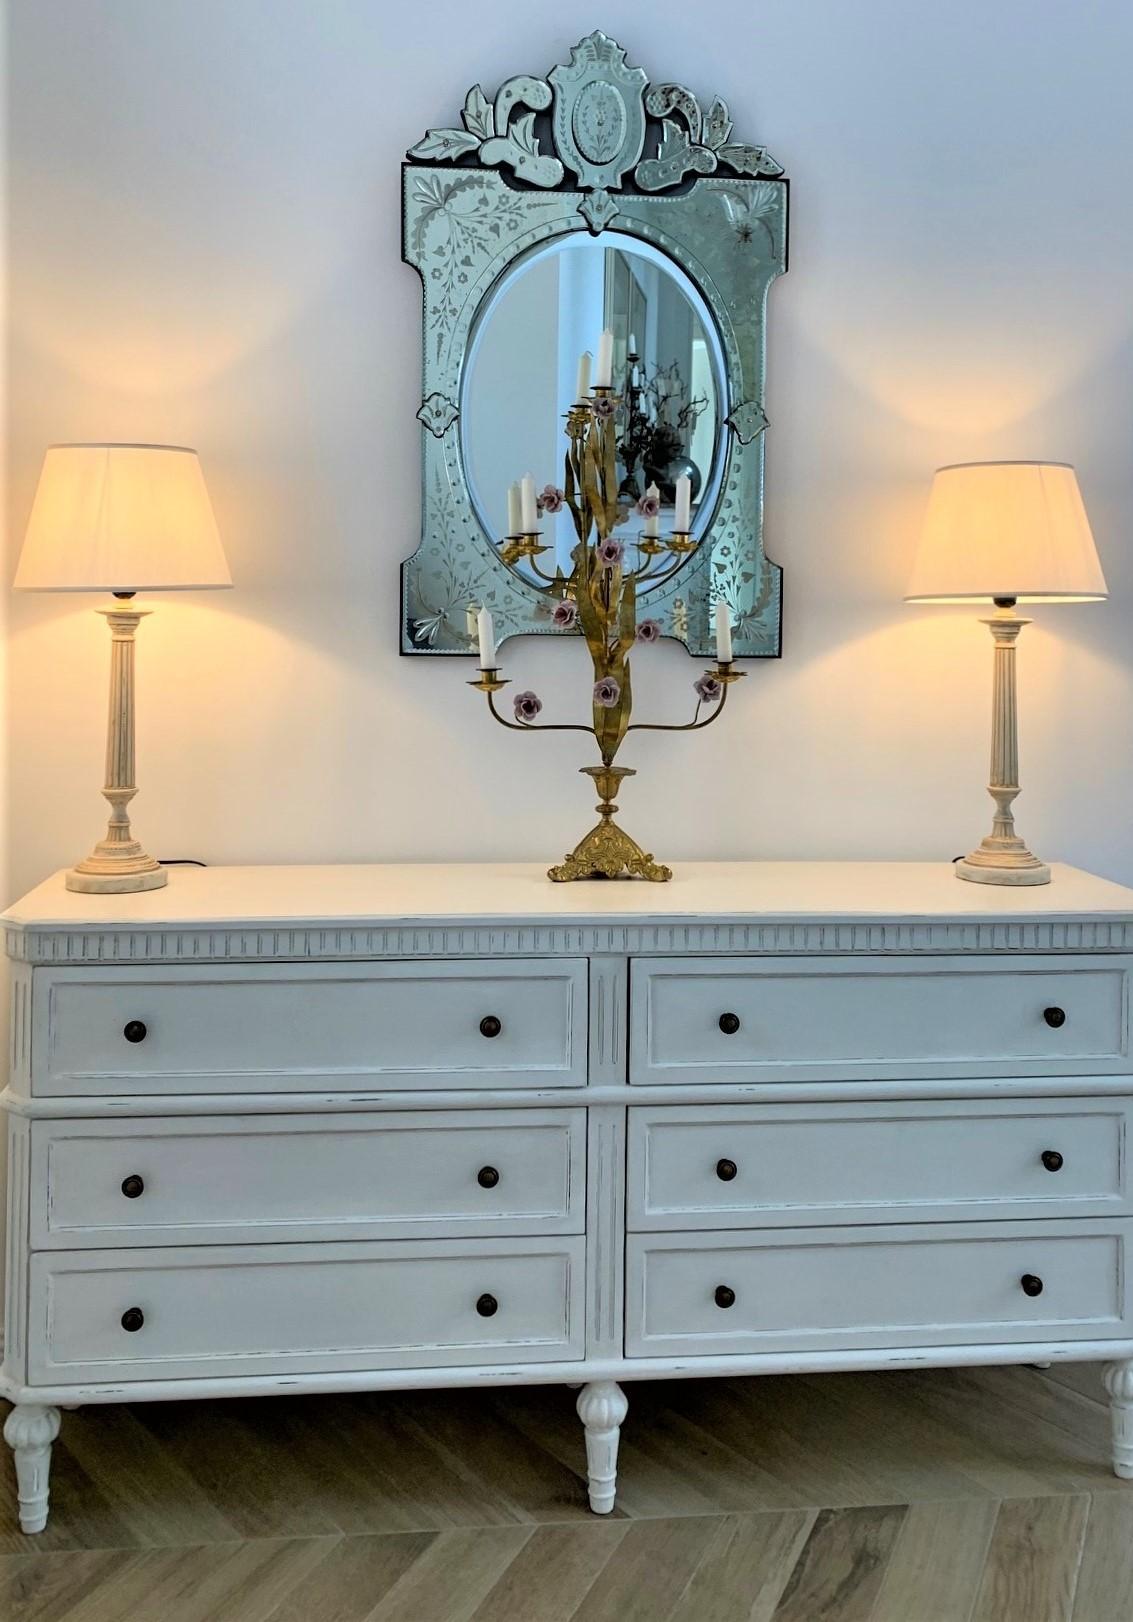 cassettone doppio e specchio veneziano